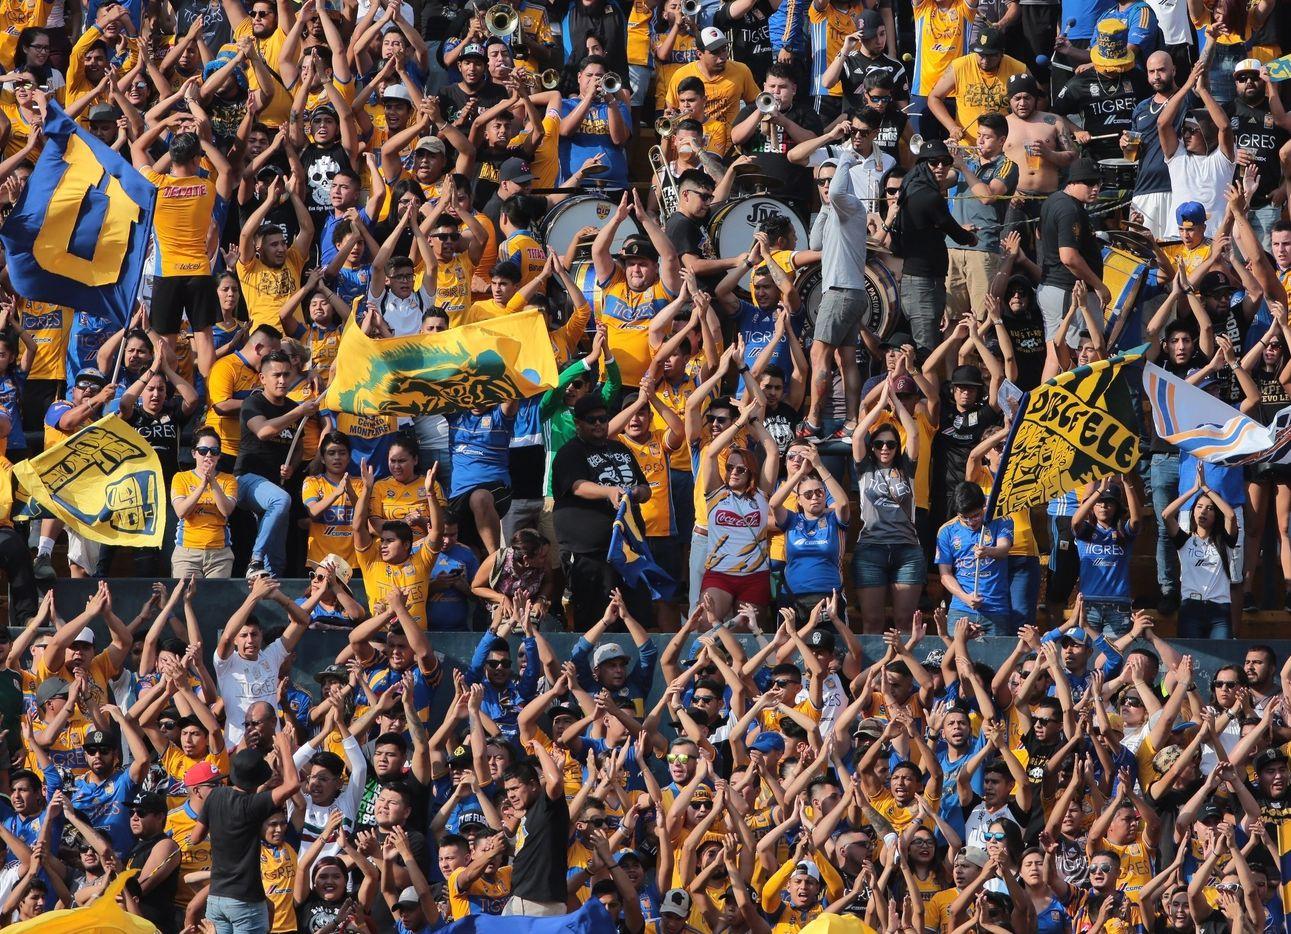 La barra de Tigres ha generado problemas en sus visitas a diferentes estadios de la Liga MX.